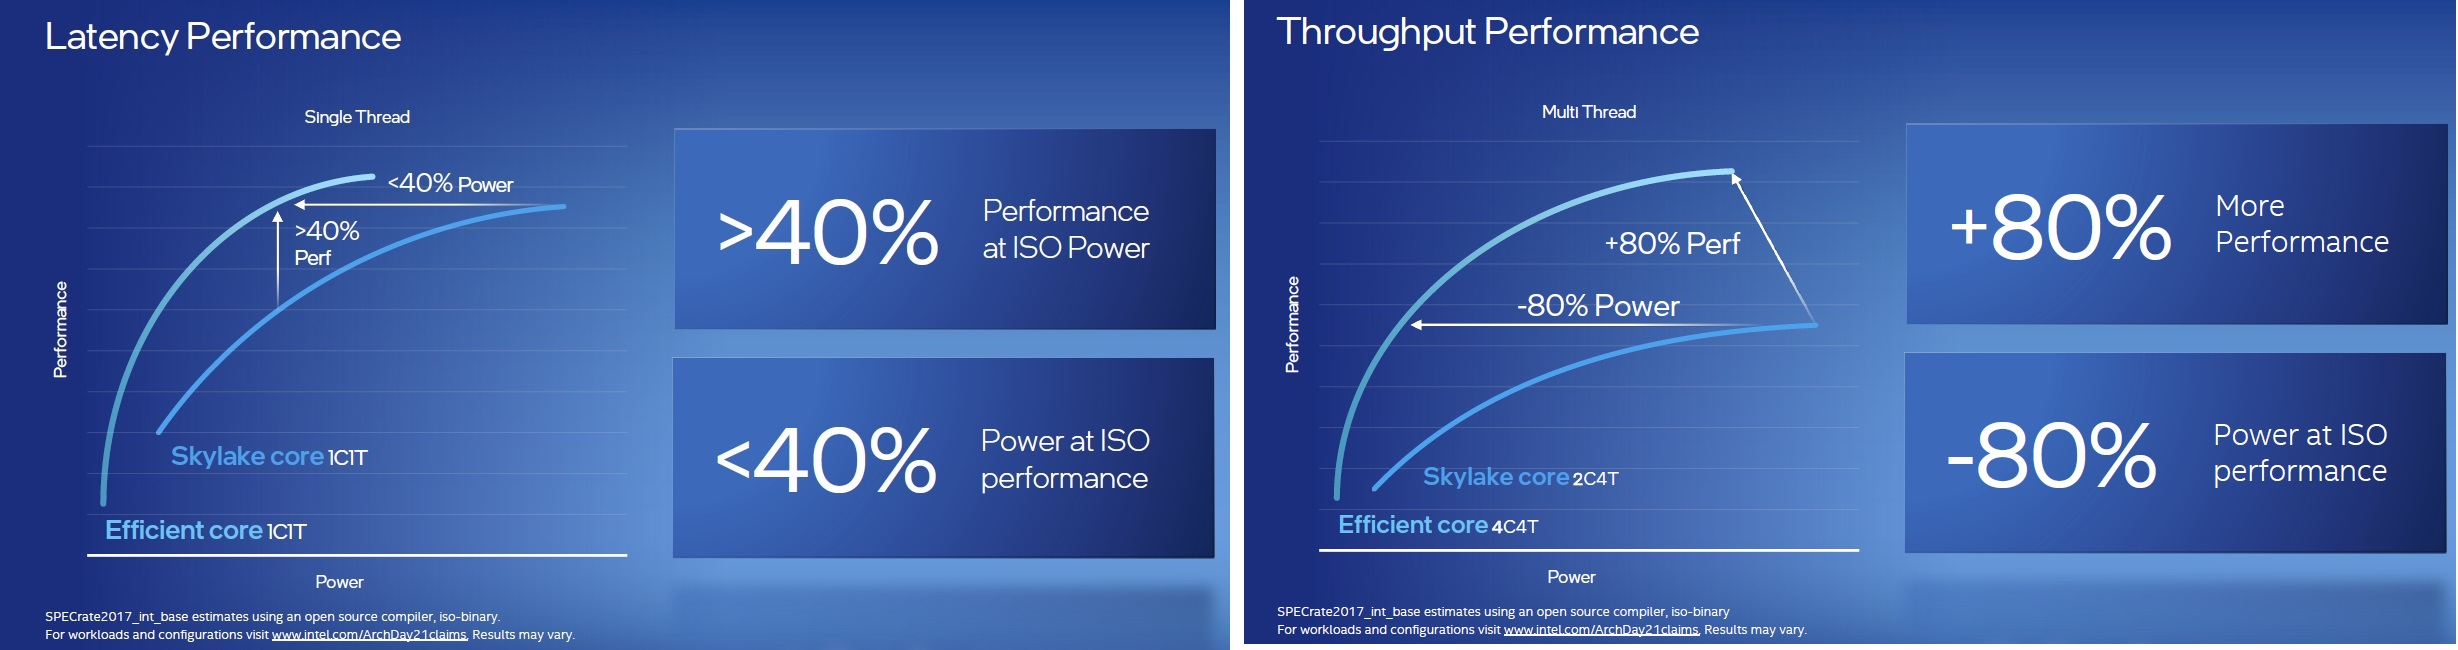 efficient core performance